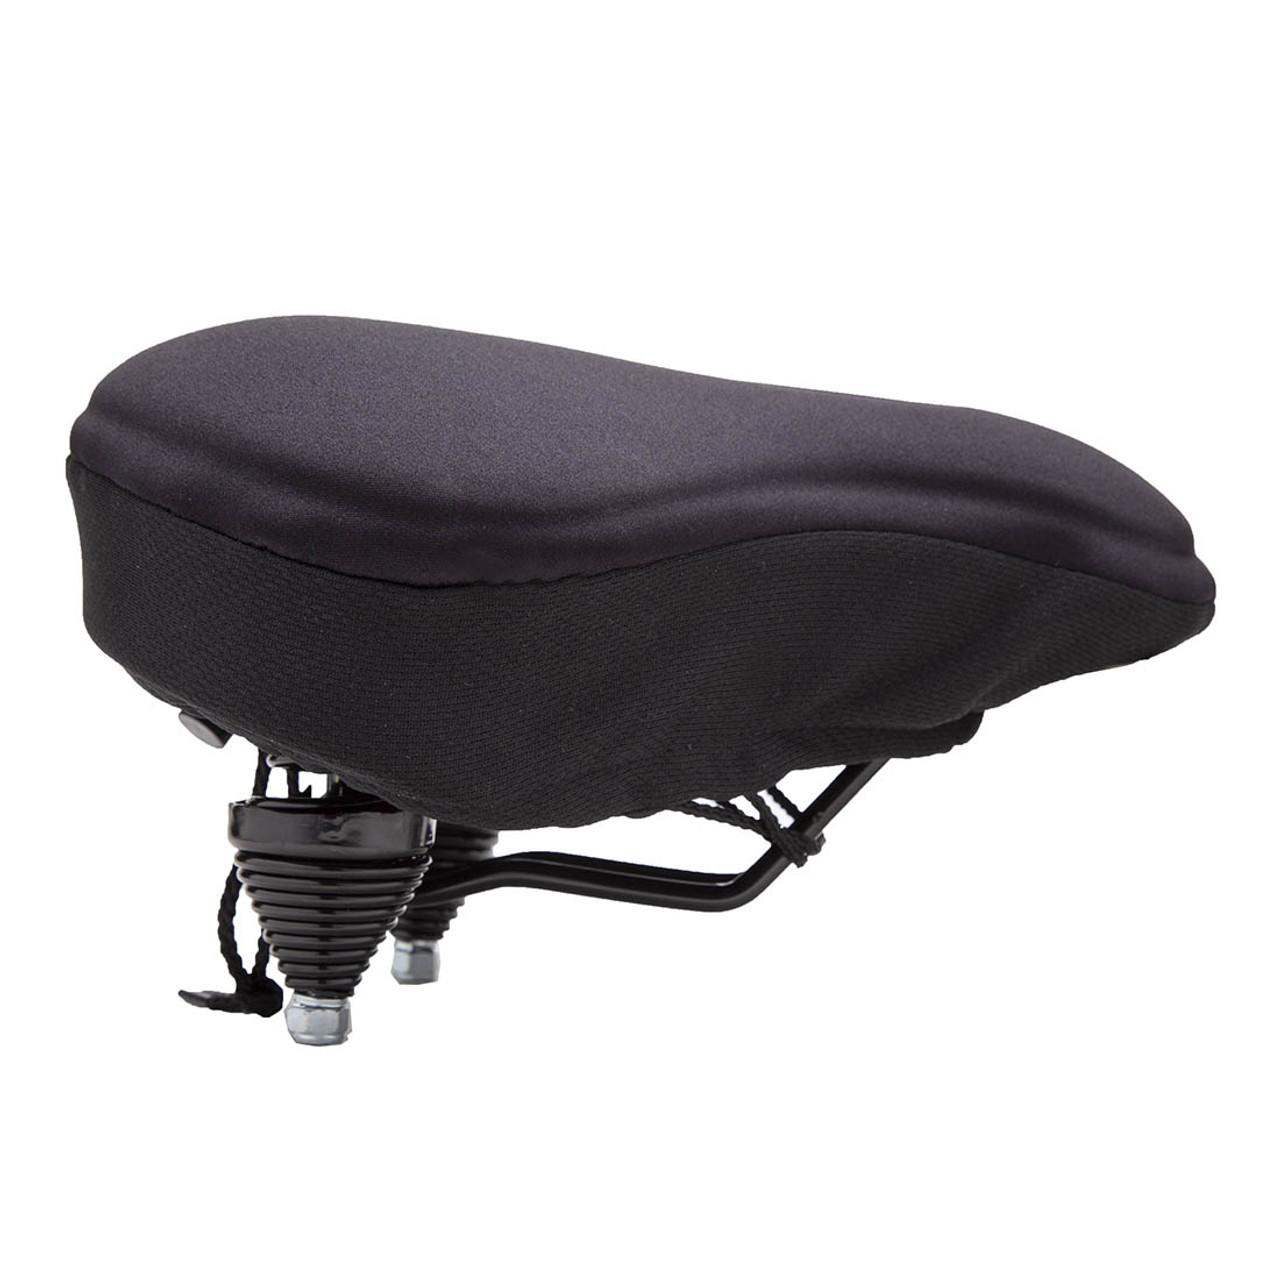 Planet Bike Comfy bike seat cover Cruiser 5027